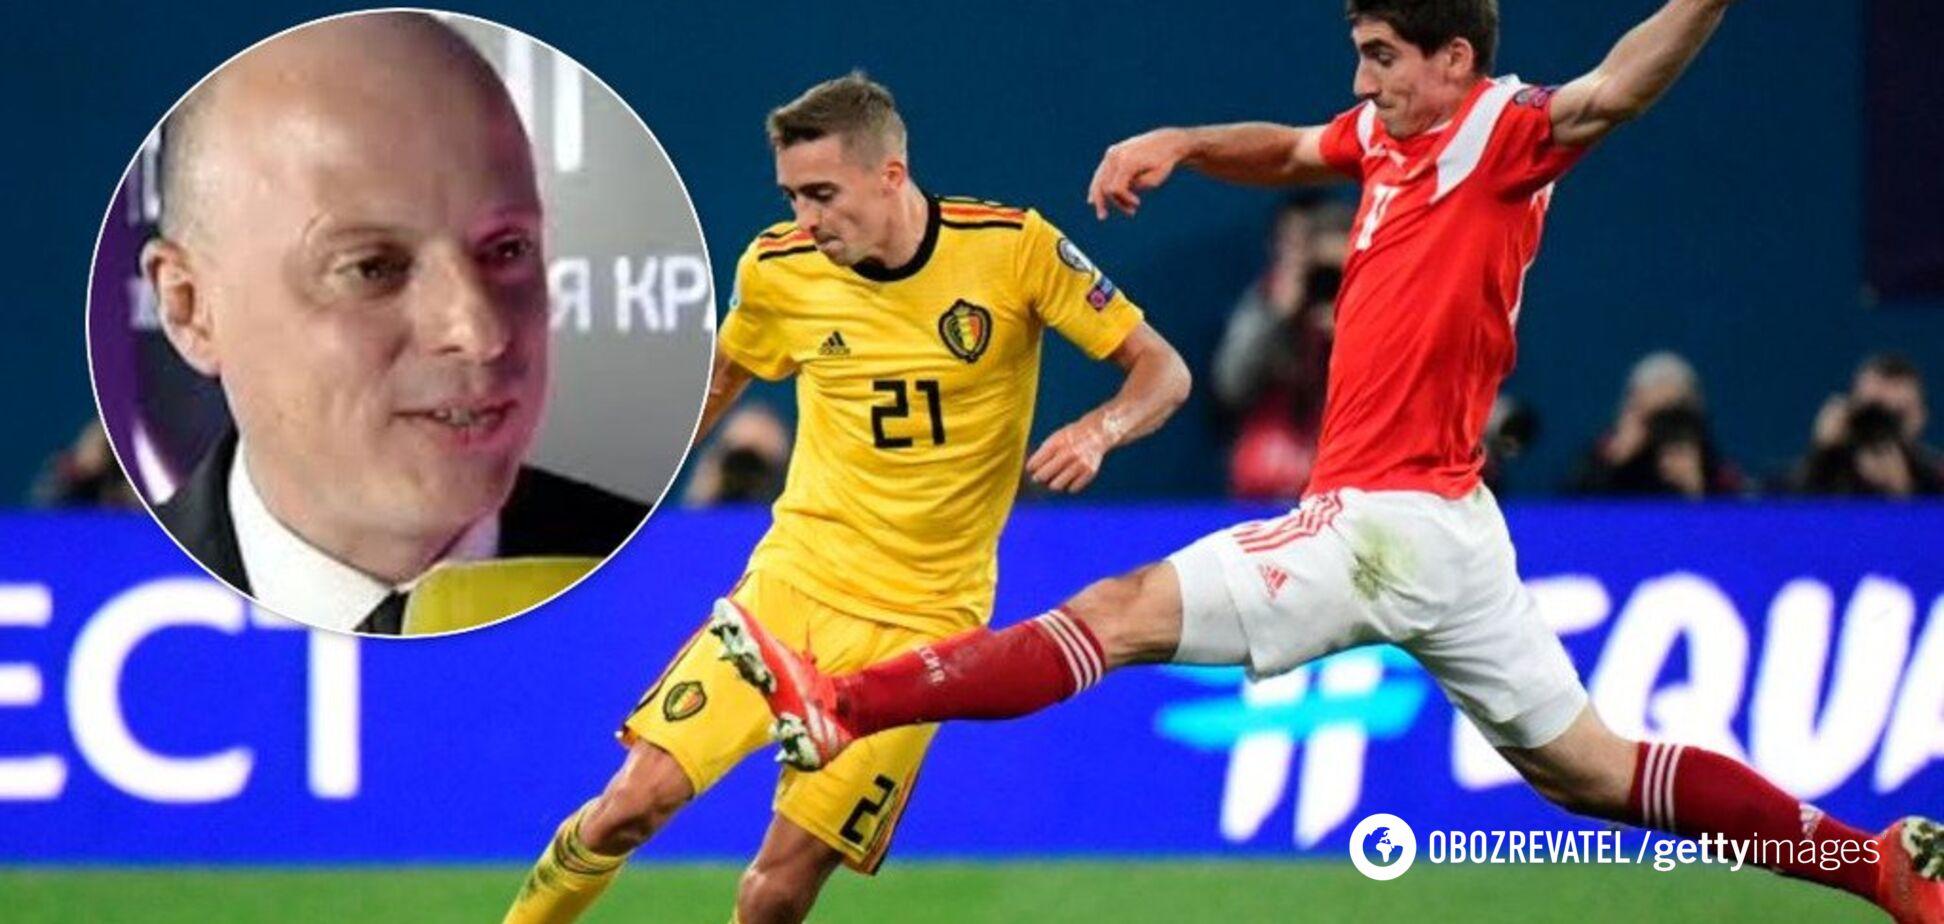 Вацко познущався над збірною Росії після розгрому у відборі Євро-2020